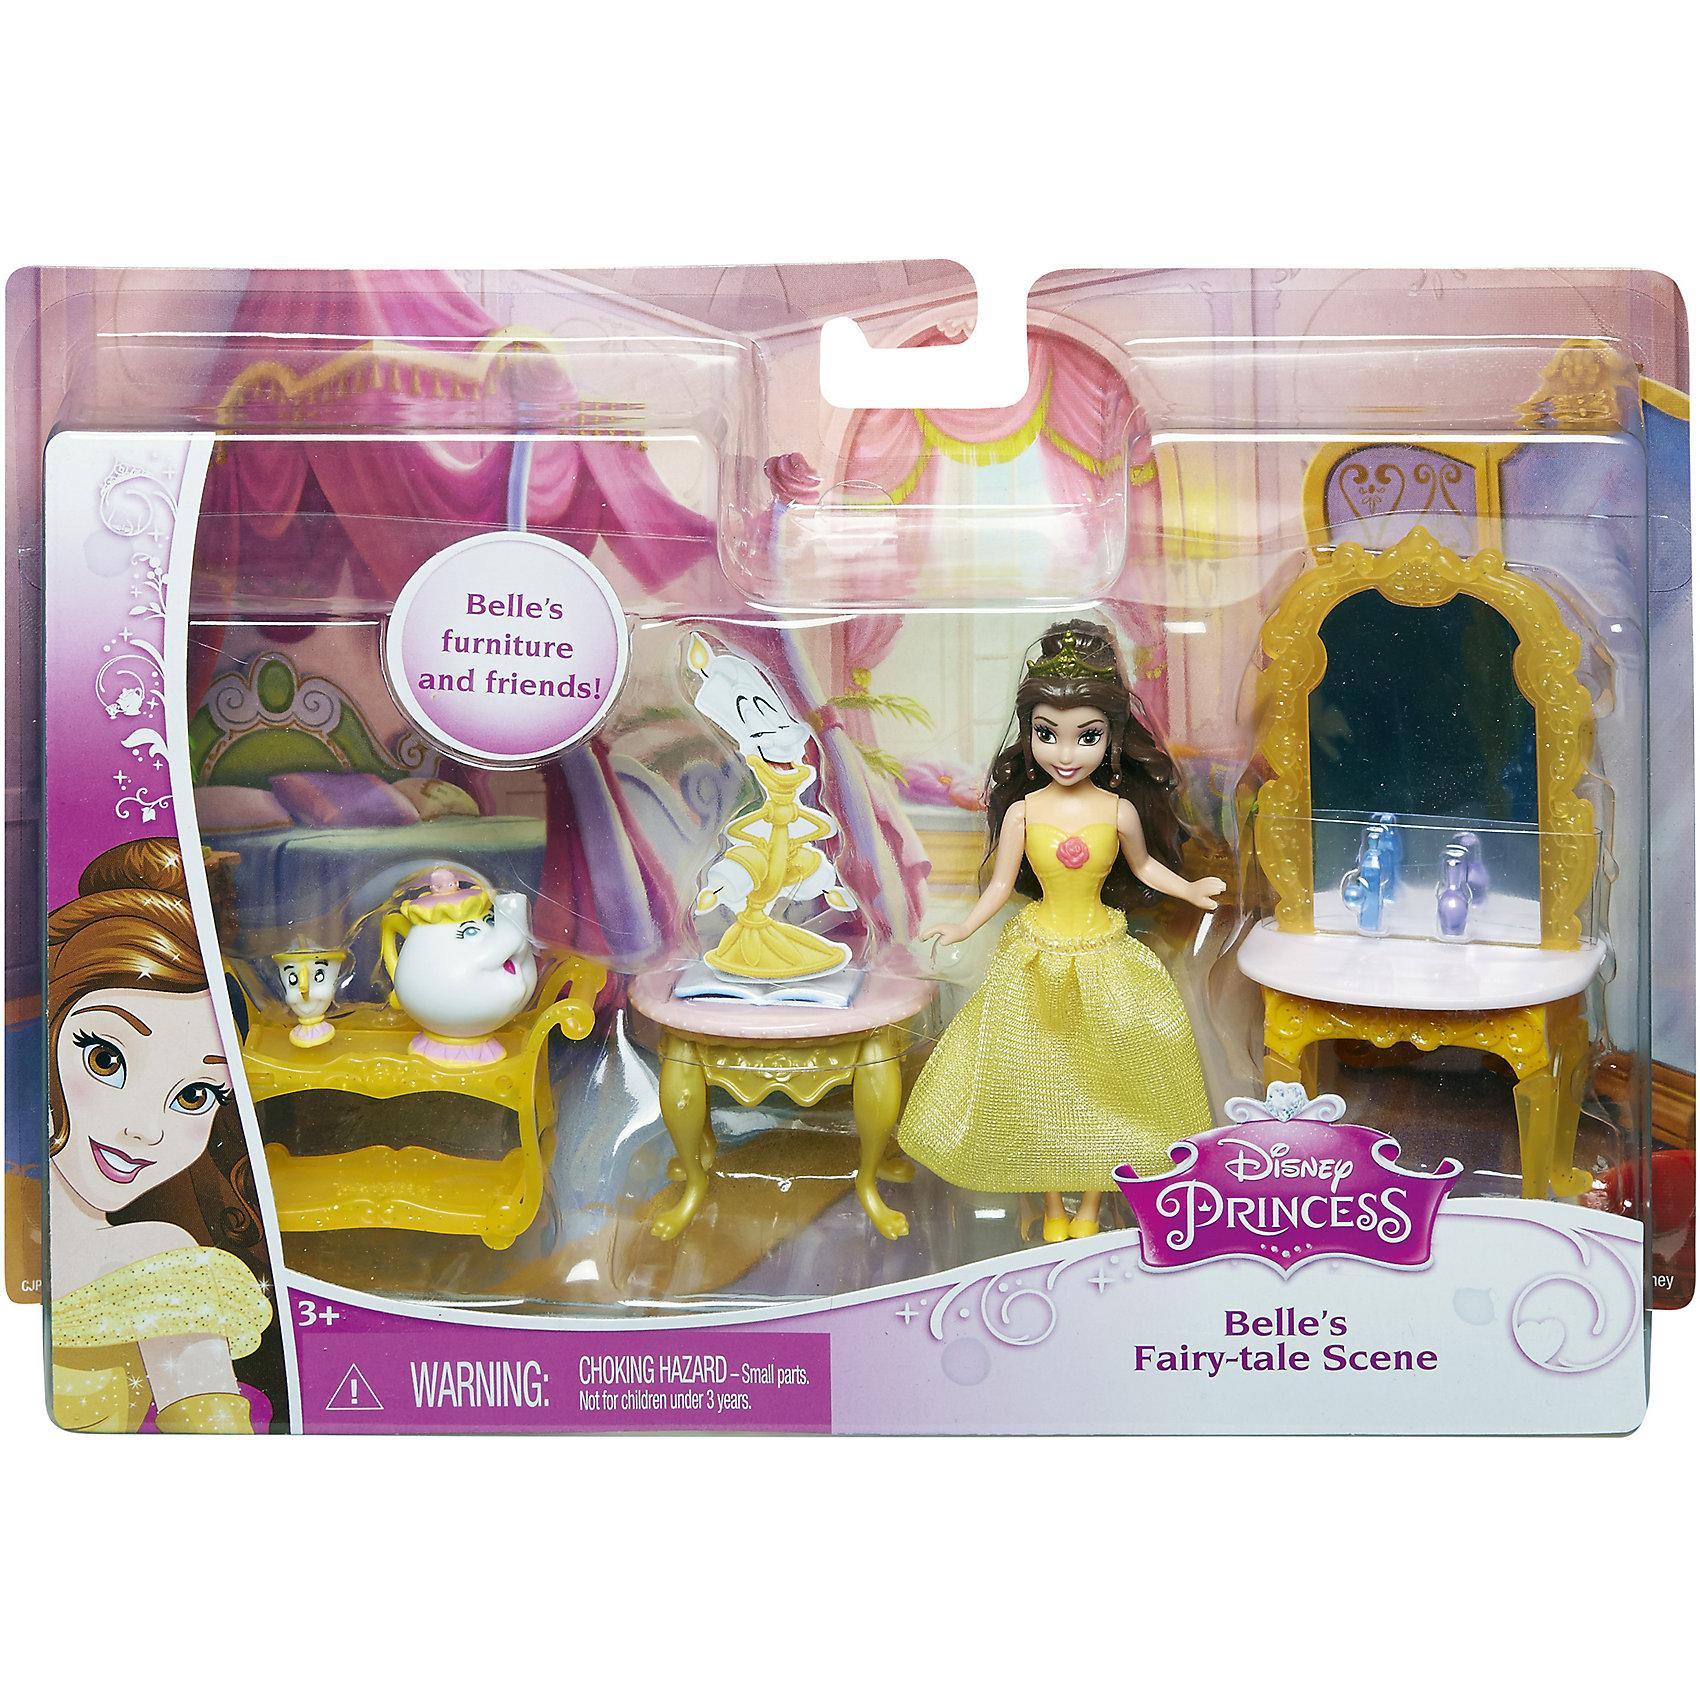 Кукла Белль с аксессуарами, Принцессы ДиснейКукла Белль с аксессуарами, Disney Princess – это отличный подарок для вашей девочки!<br>Набор с мини-куклой придется по вкусу маленьким принцессам. В комплекте любимая героиня, набор мебели и ее верные друзья. Кукла в точности повторяет внешность героини мультфильма Красавица и чудовище. У куклы двигаются руки, ноги, голова.<br><br>Дополнительная информация:<br><br>- В наборе: мини-куколка Белль, ее друзья (миссис Поттс и Чип), туалетный столик, тележка, журнальный столик, аксессуары<br>- Материал: высококачественный пластик<br>- Высота куклы: 9 см.<br>- Размер упаковки: 250x50x170 мм.<br>- Вес: 300 гр.<br><br>Куклу Белль с аксессуарами, Disney Princess можно купить в нашем интернет-магазине.<br><br>Ширина мм: 250<br>Глубина мм: 50<br>Высота мм: 170<br>Вес г: 300<br>Возраст от месяцев: 36<br>Возраст до месяцев: 108<br>Пол: Женский<br>Возраст: Детский<br>SKU: 4060352